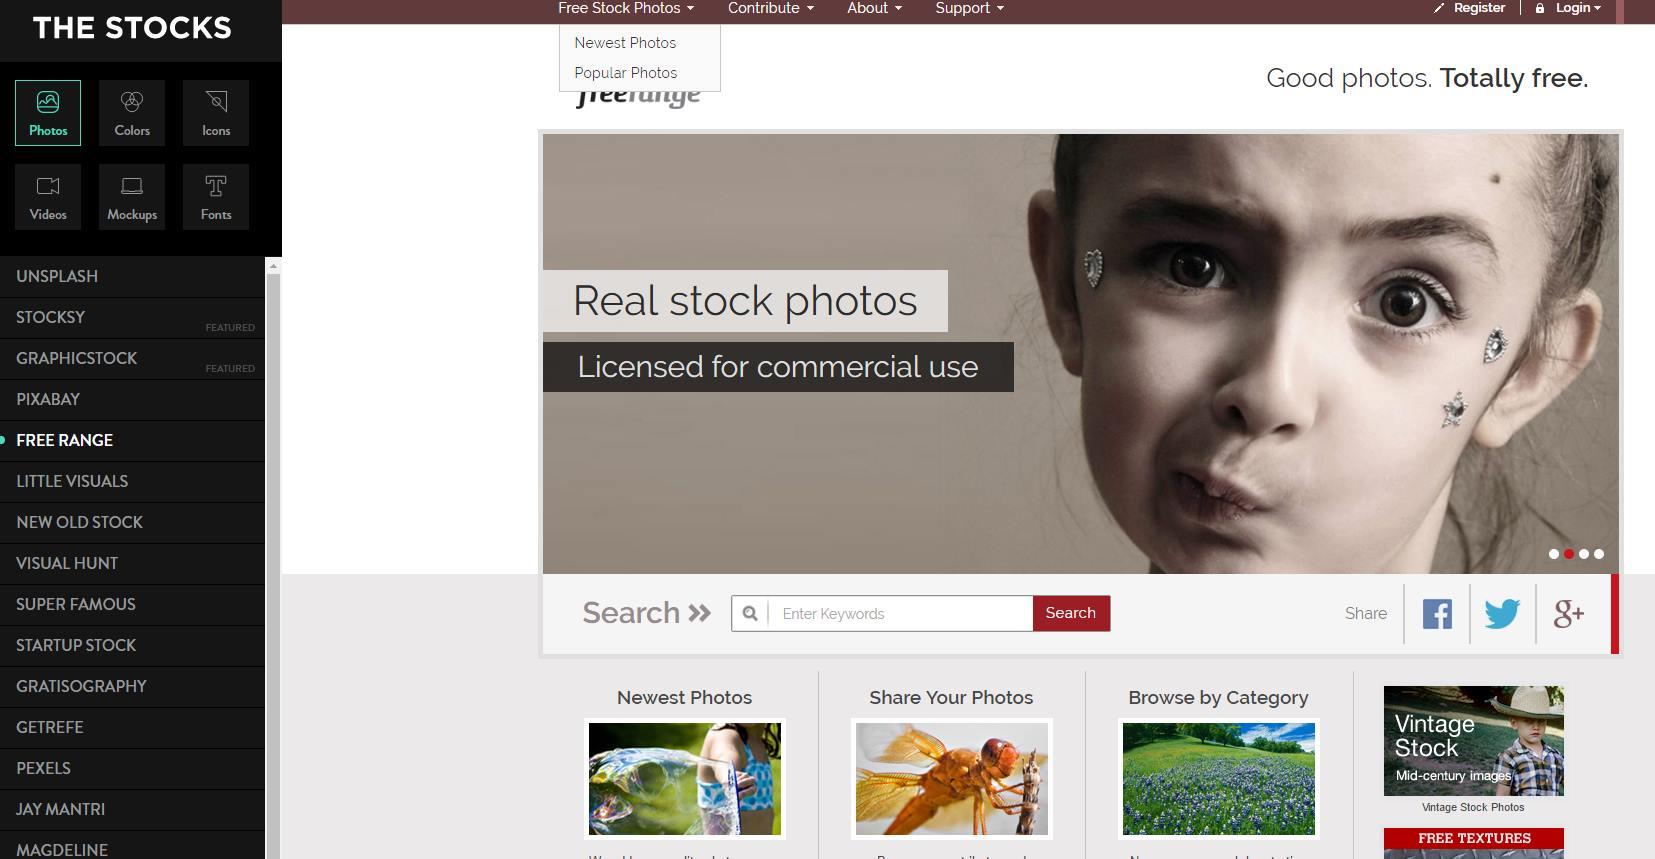 Fotos, iconos y vídeos gratis para usar en proyectos personales y comerciales